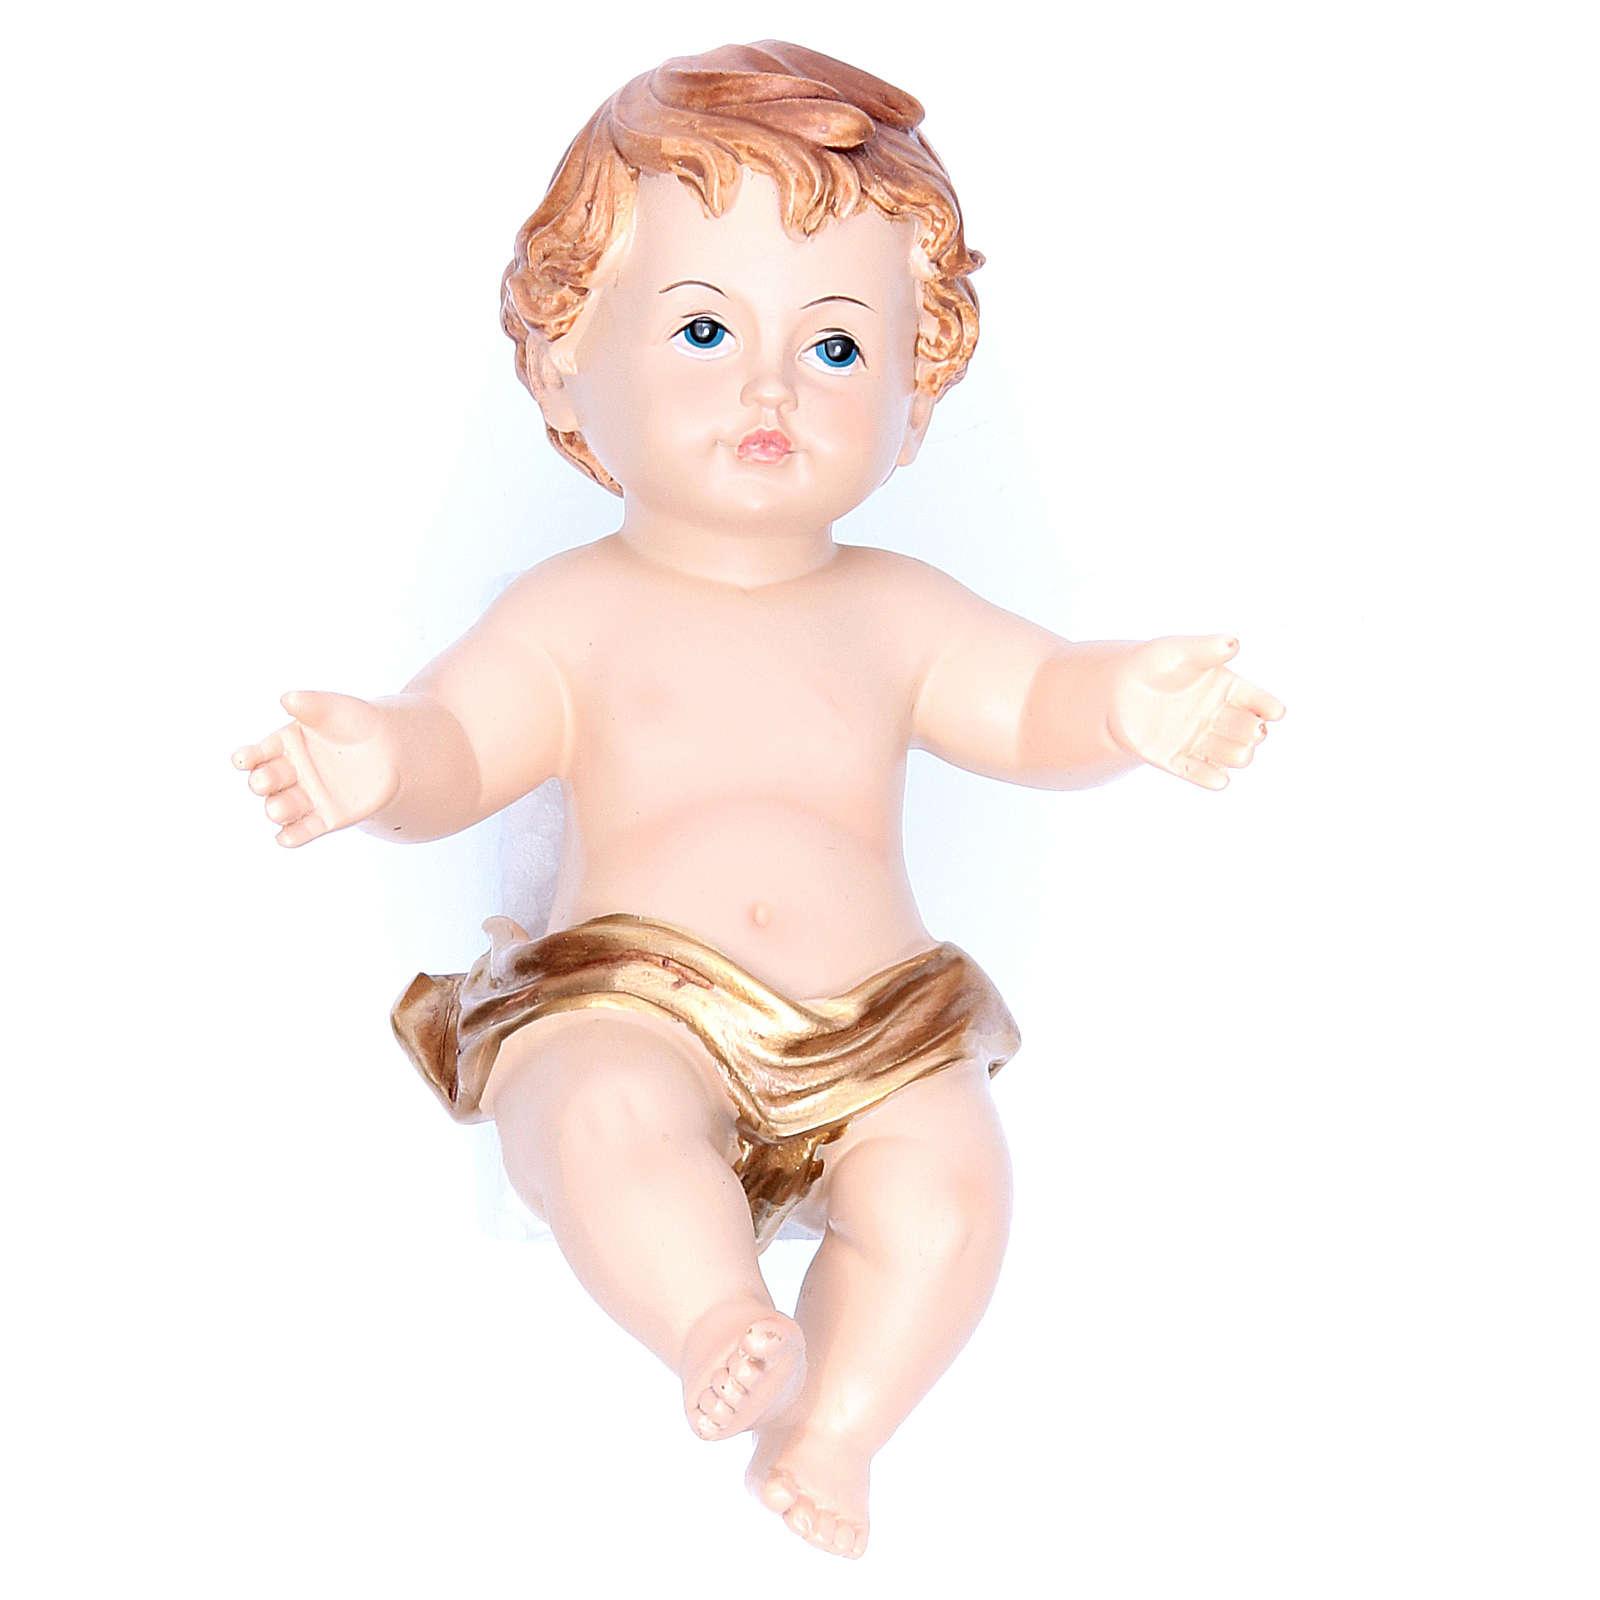 Baby Jesus figurine 15 cm, in resin 3